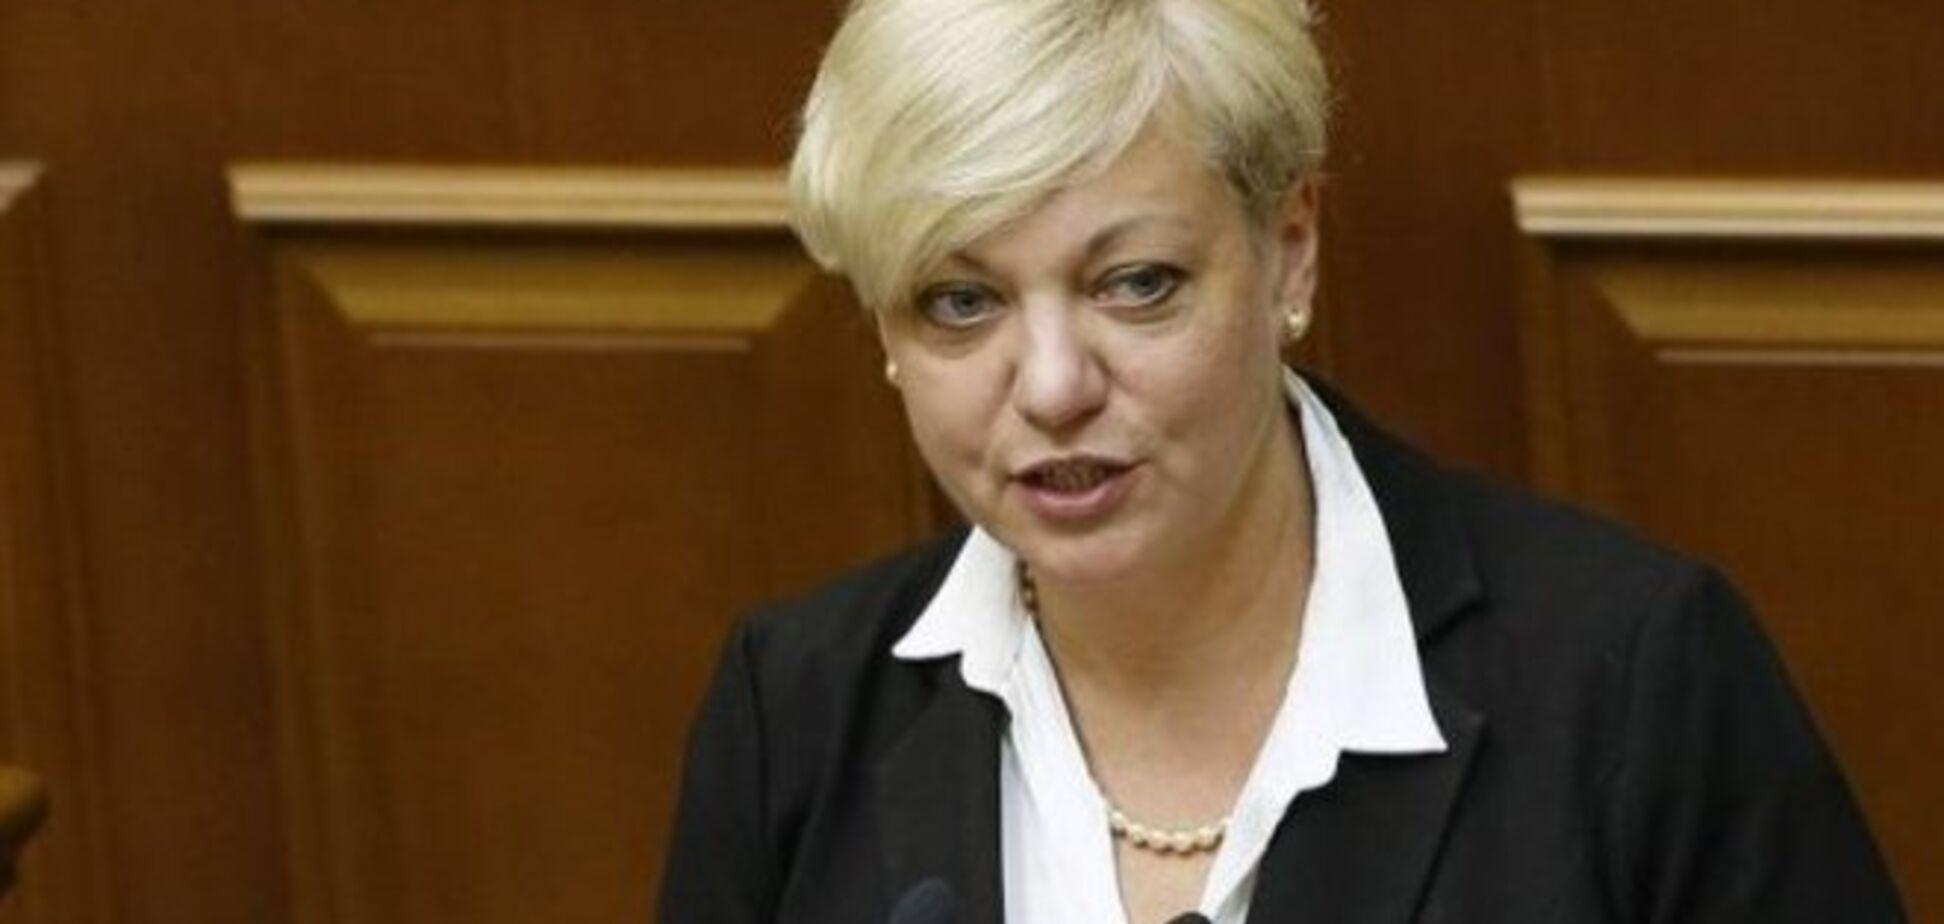 13 банков подписали меморандум о реструктуризации валютных кредитов - Гонтарева